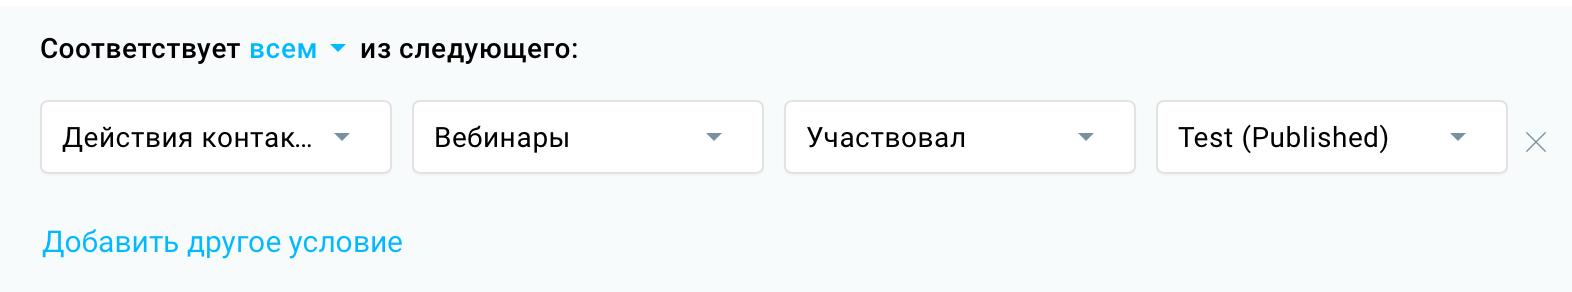 Условия поиска для вебинаров по требованию.